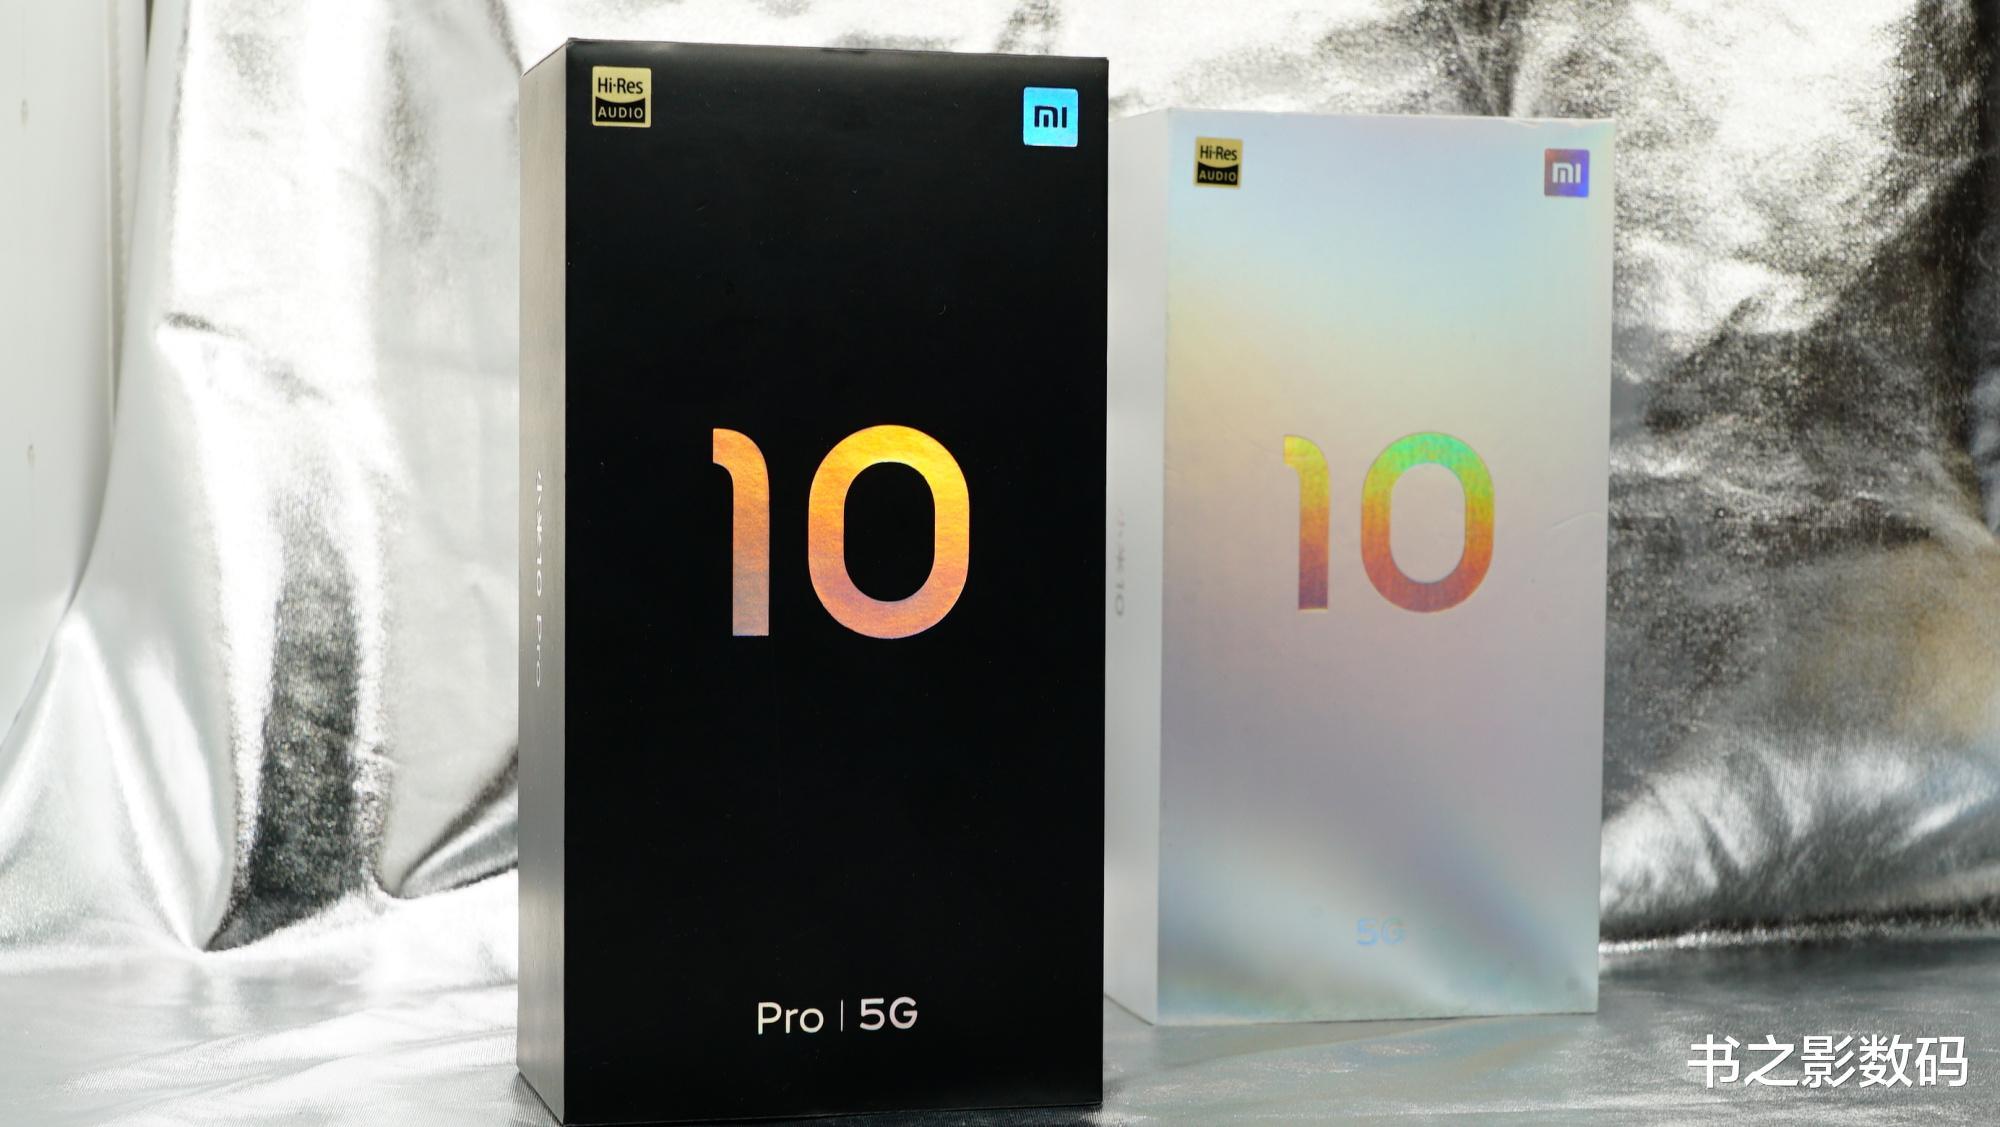 小米10、小米10Pro真机对比,1000的价格差距在哪里?